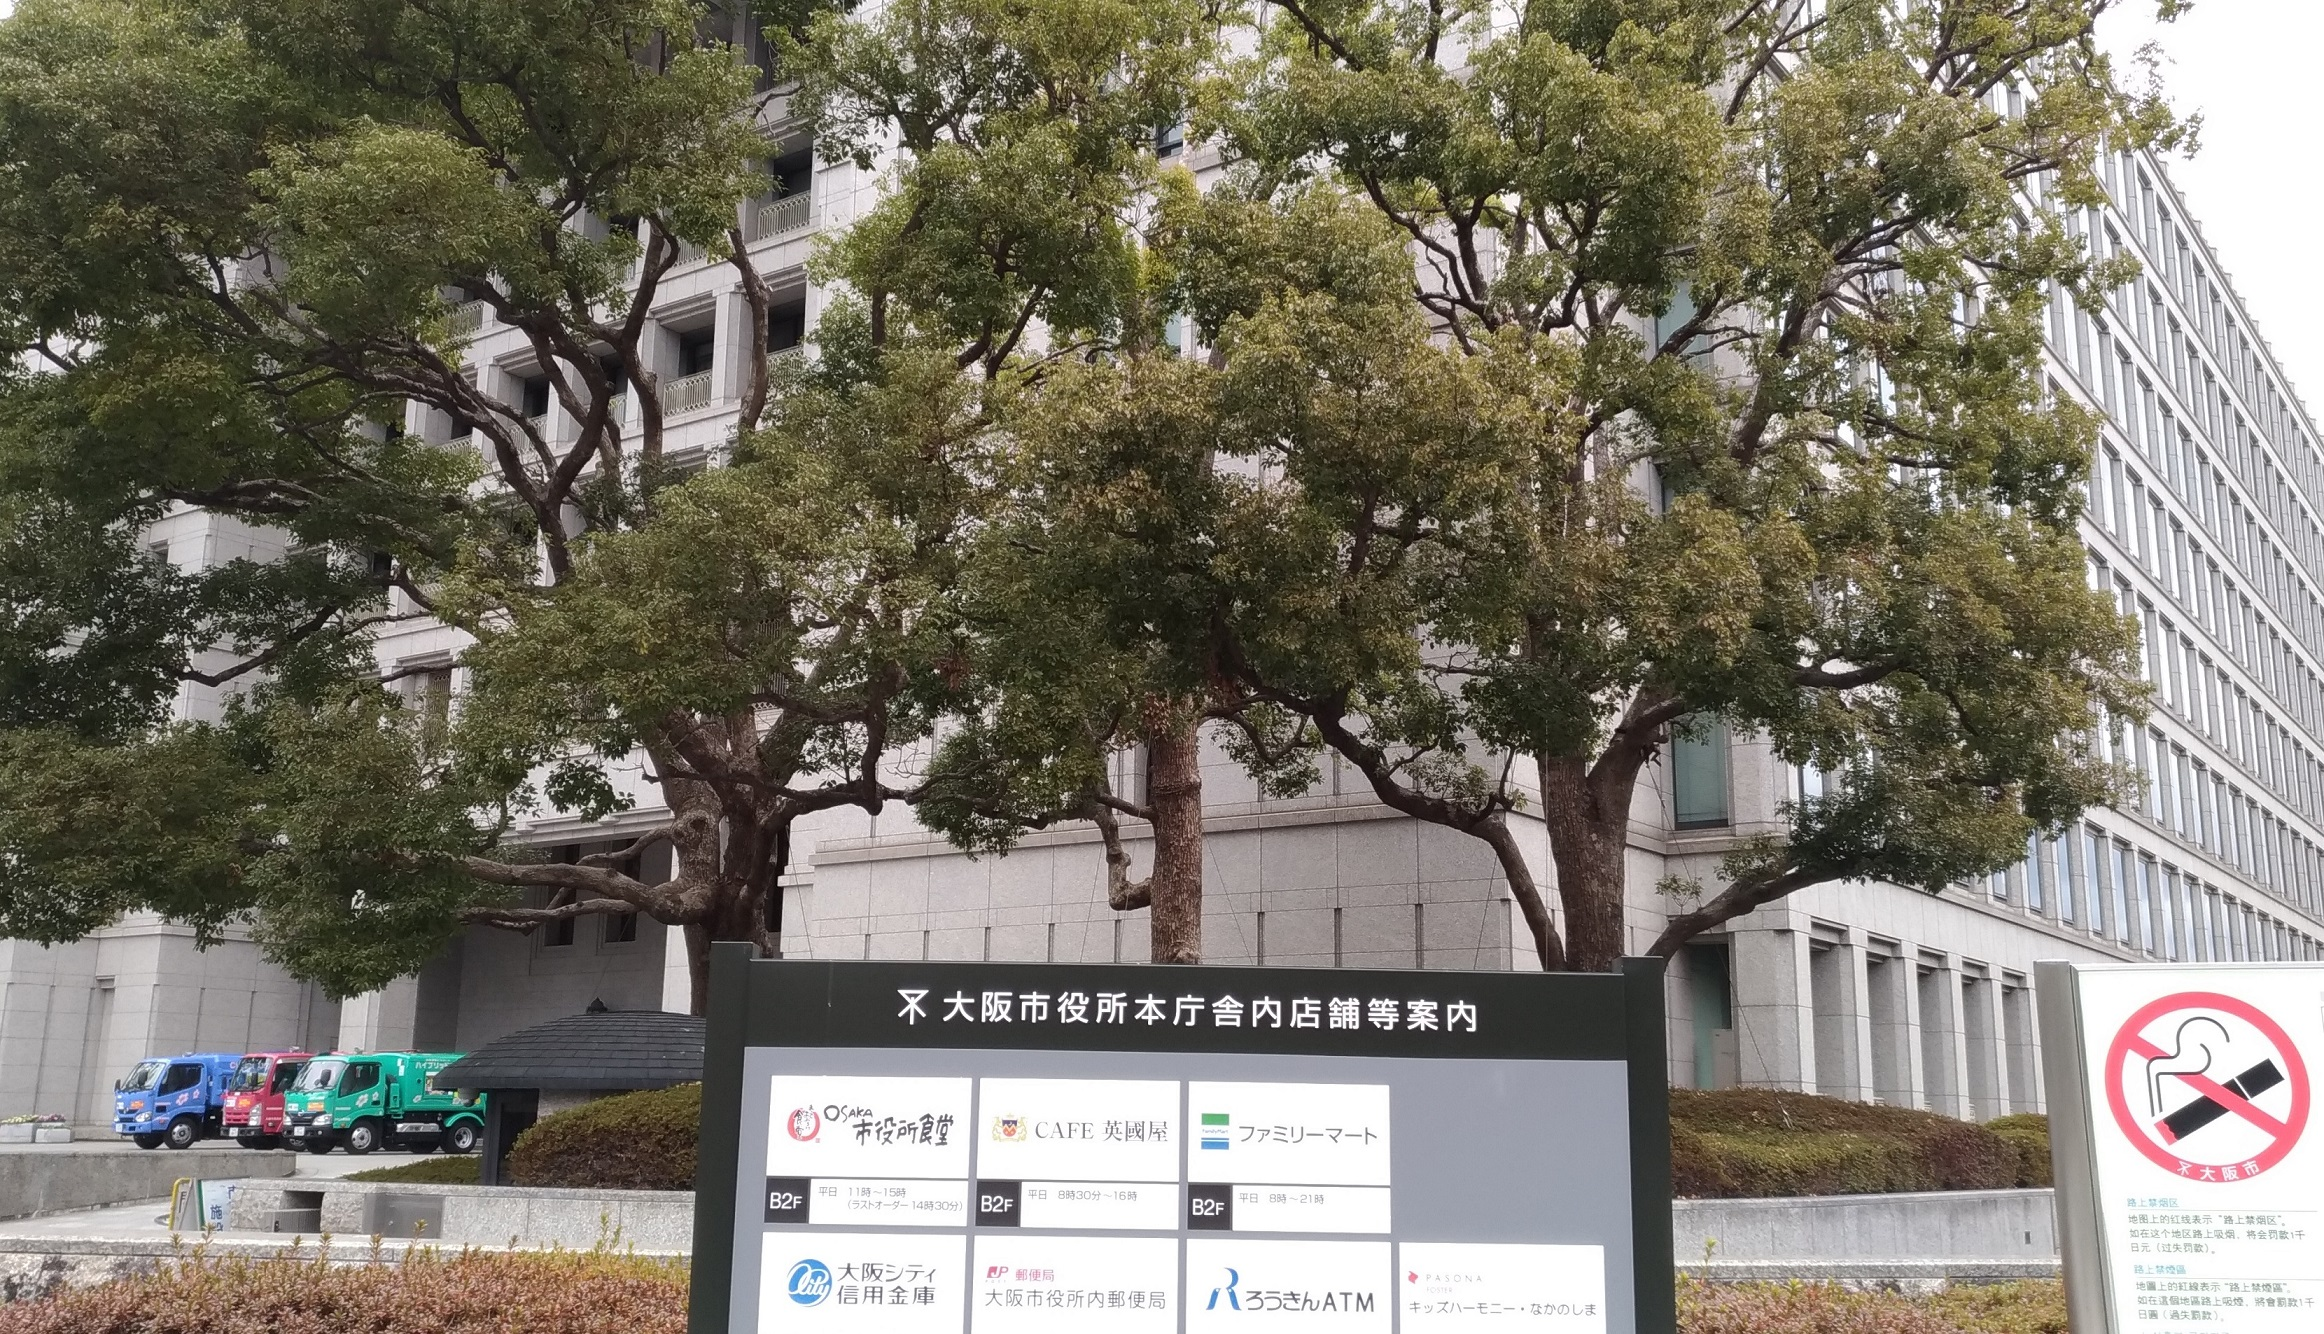 osaka_yodoyabashi_shiyakusho1.jpg